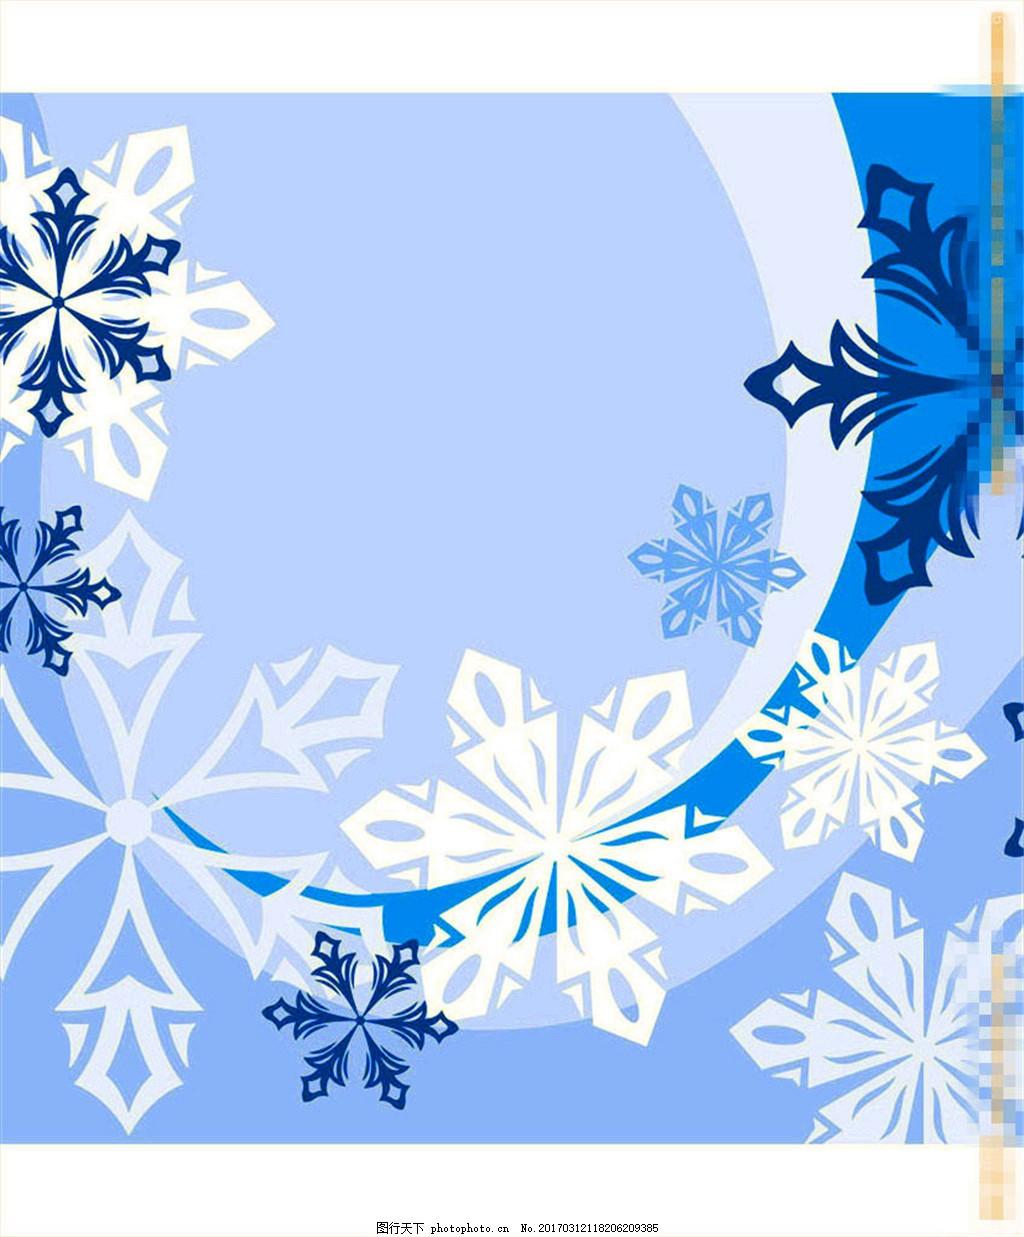 几何 几何背景 现代 图案 二方连续 单独 四方连续 底纹 边框 青花瓷